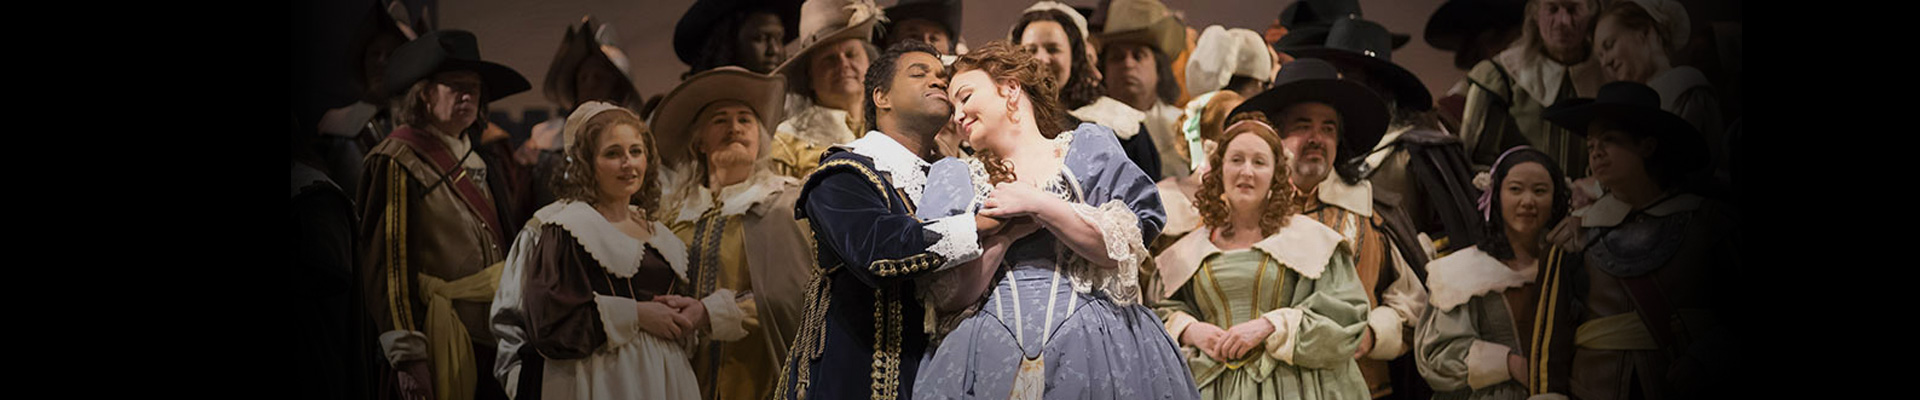 Lyric Opera of Chicago: I Puritani